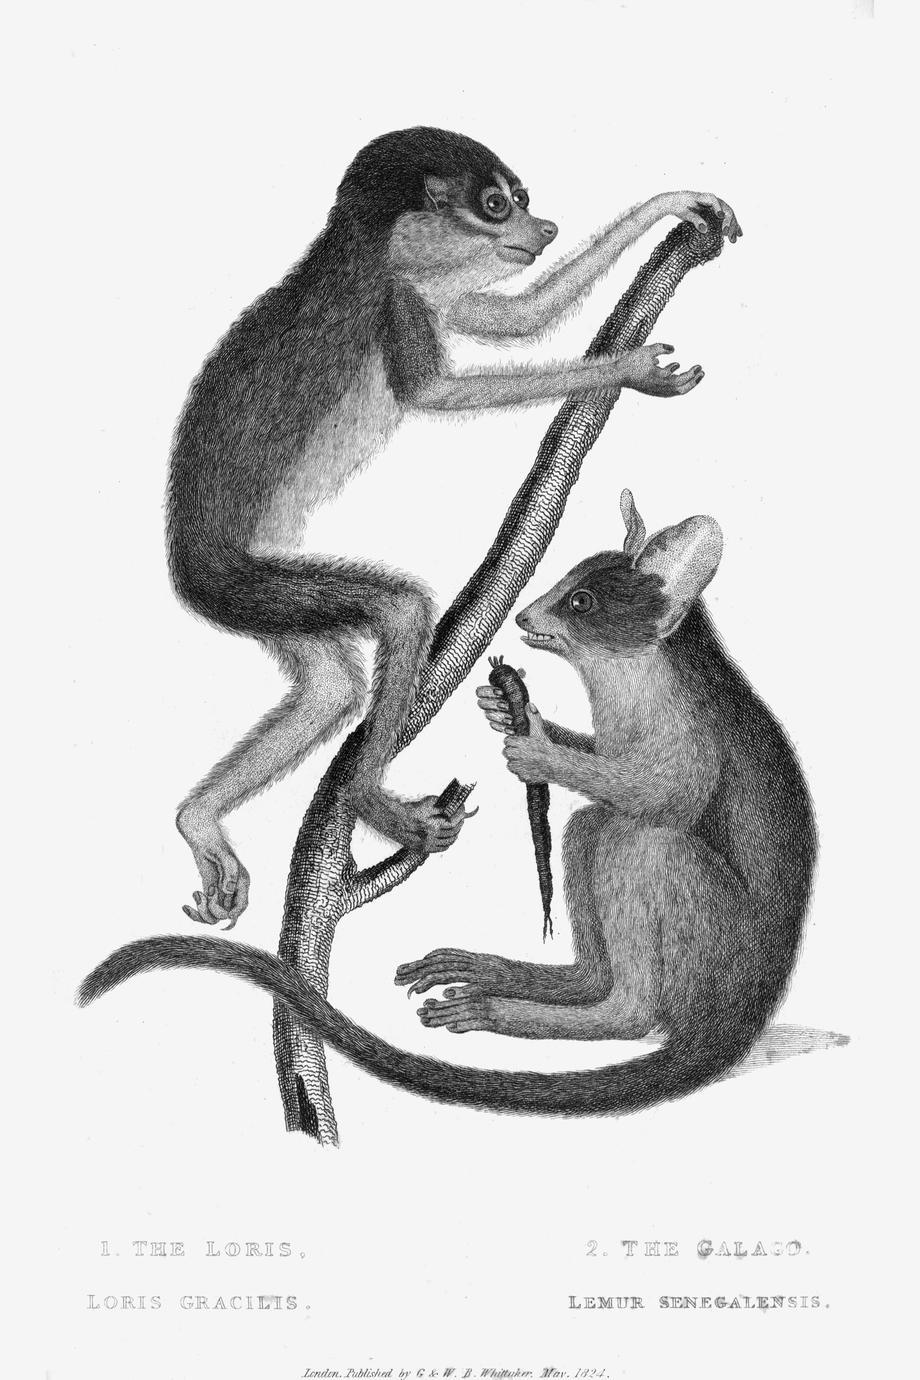 1. The Loris, Loris gracilis; 2. The Galago, Lemur senegalensis